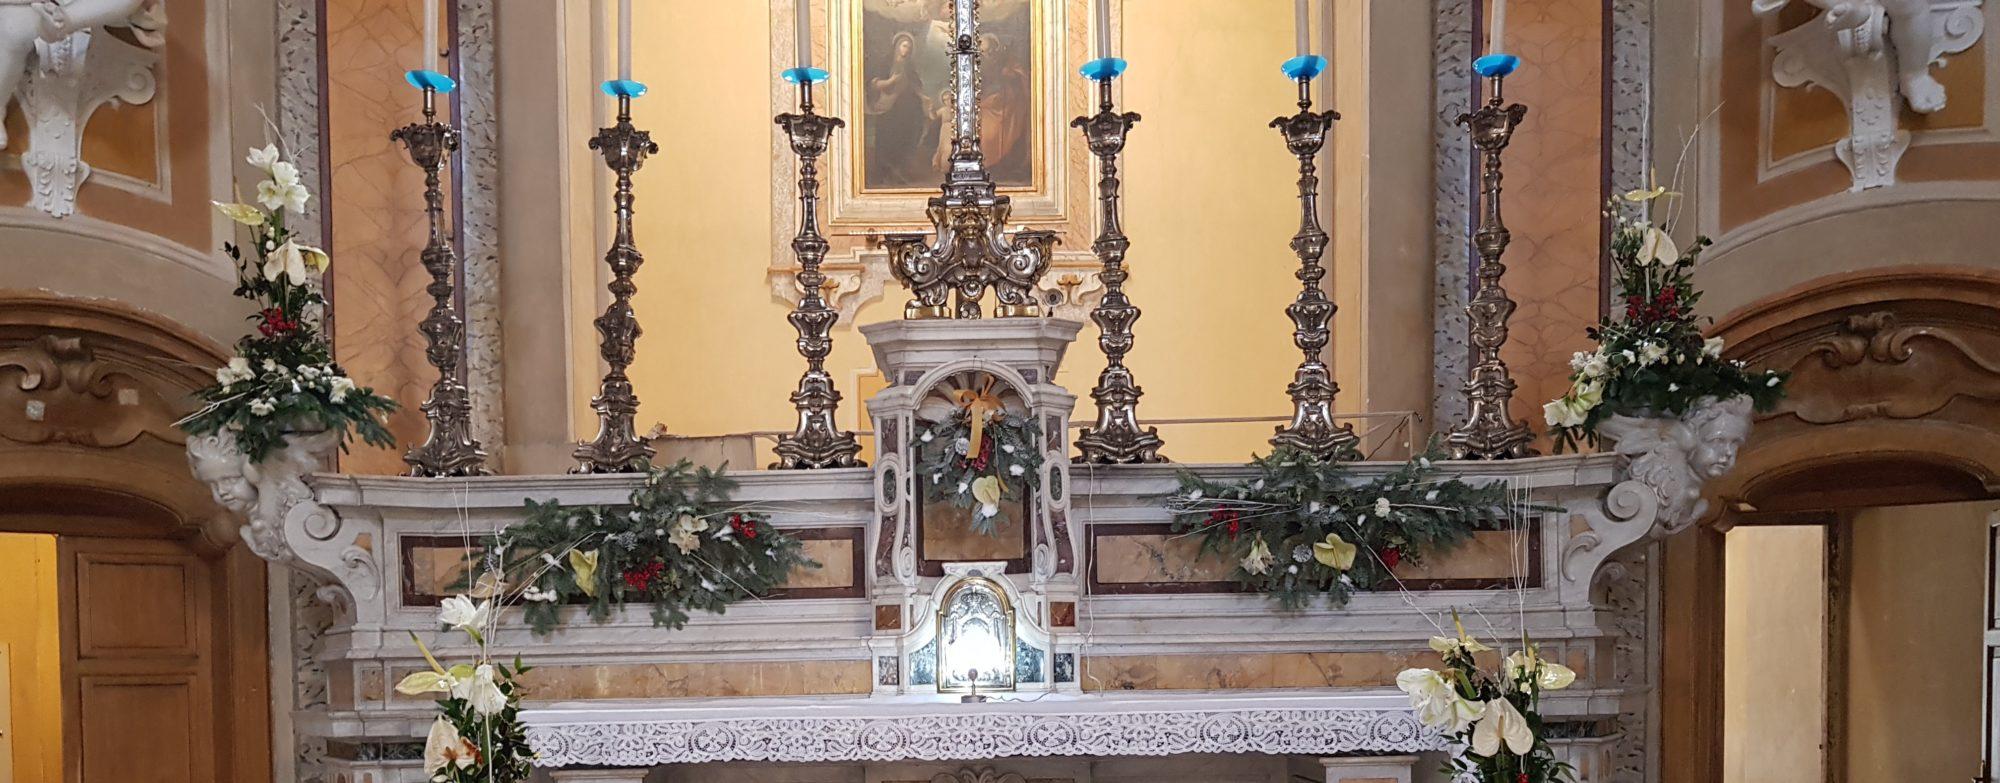 """Parrocchia """"San Giuseppe dei Vecchi e Immacolata di Lourdes"""""""